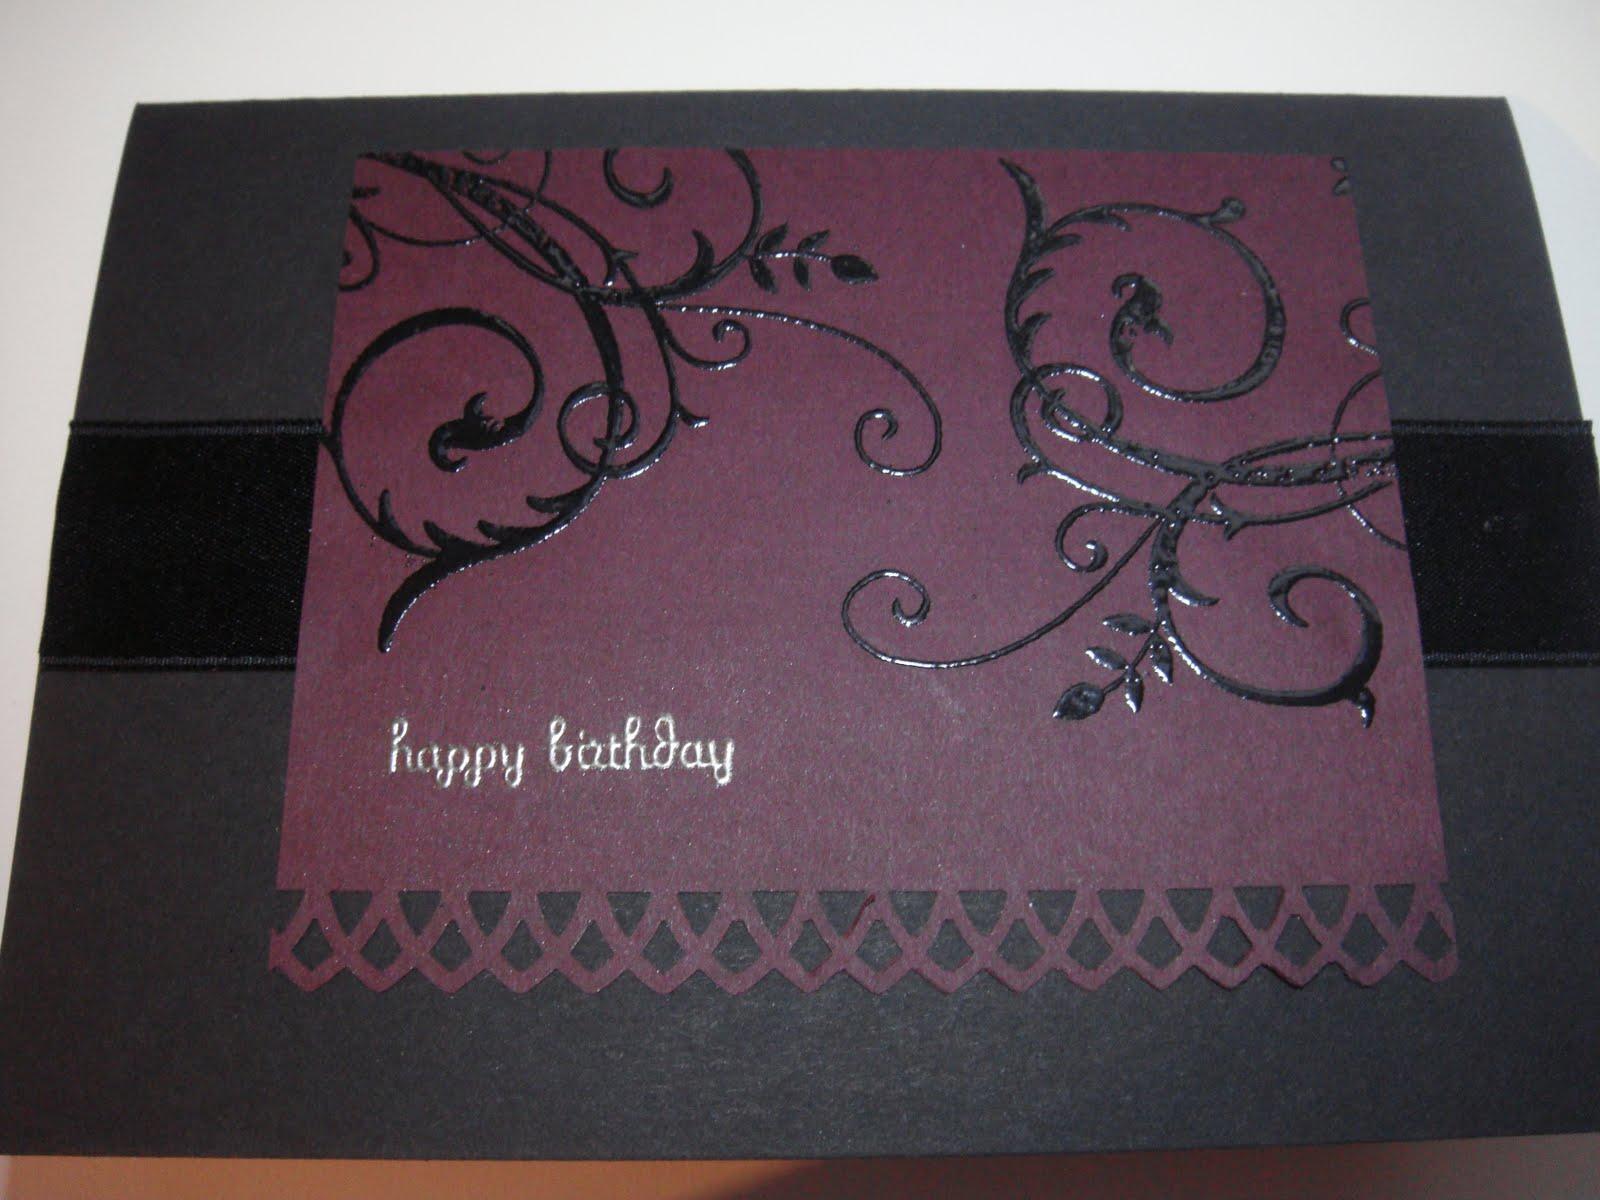 Geburtstagskarte im Gothic Style – Rosa, Pink & alles was glitzert